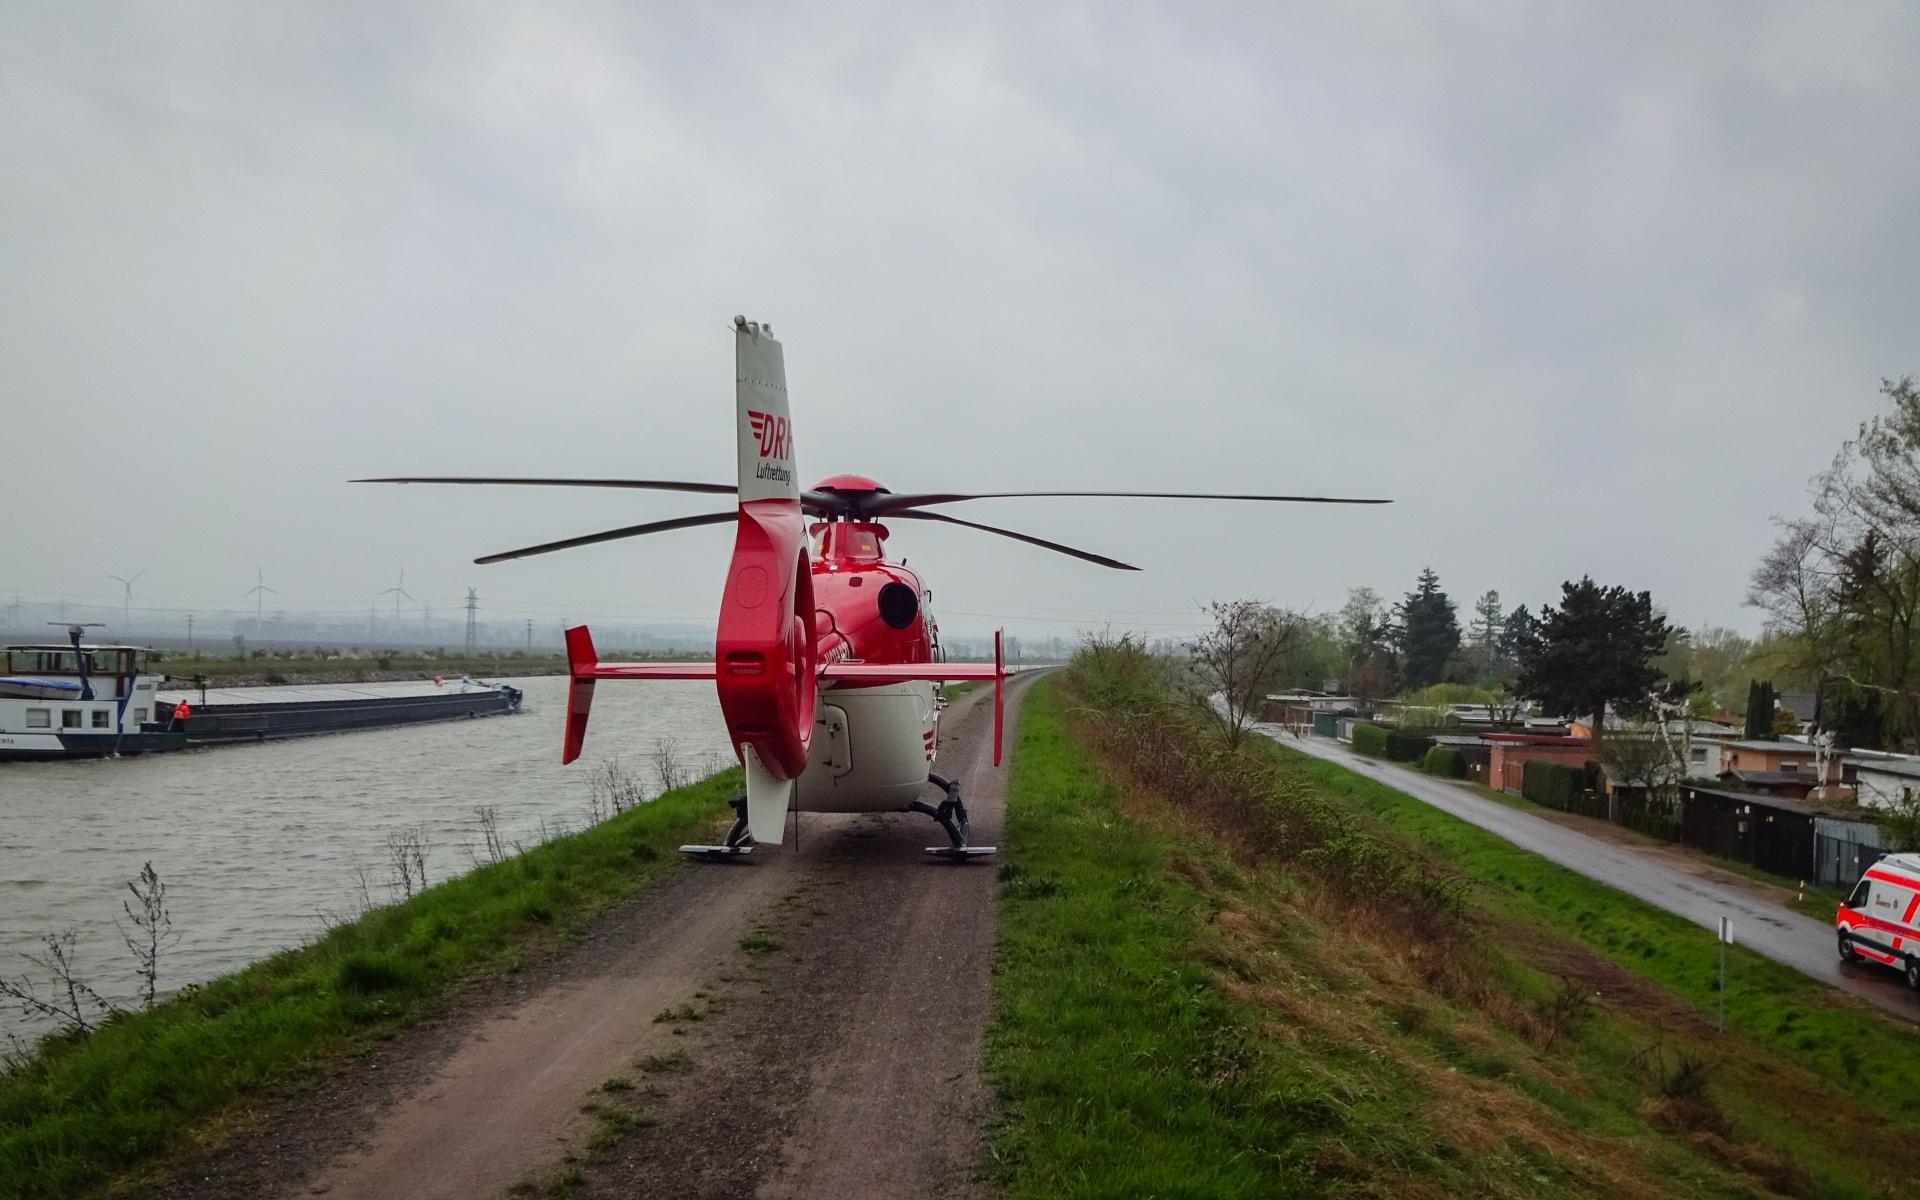 Landung direkt am Wasser: Die Besatzung von Christoph 36 versorgte eine Patientin mit Verdacht auf Schlaganfall.